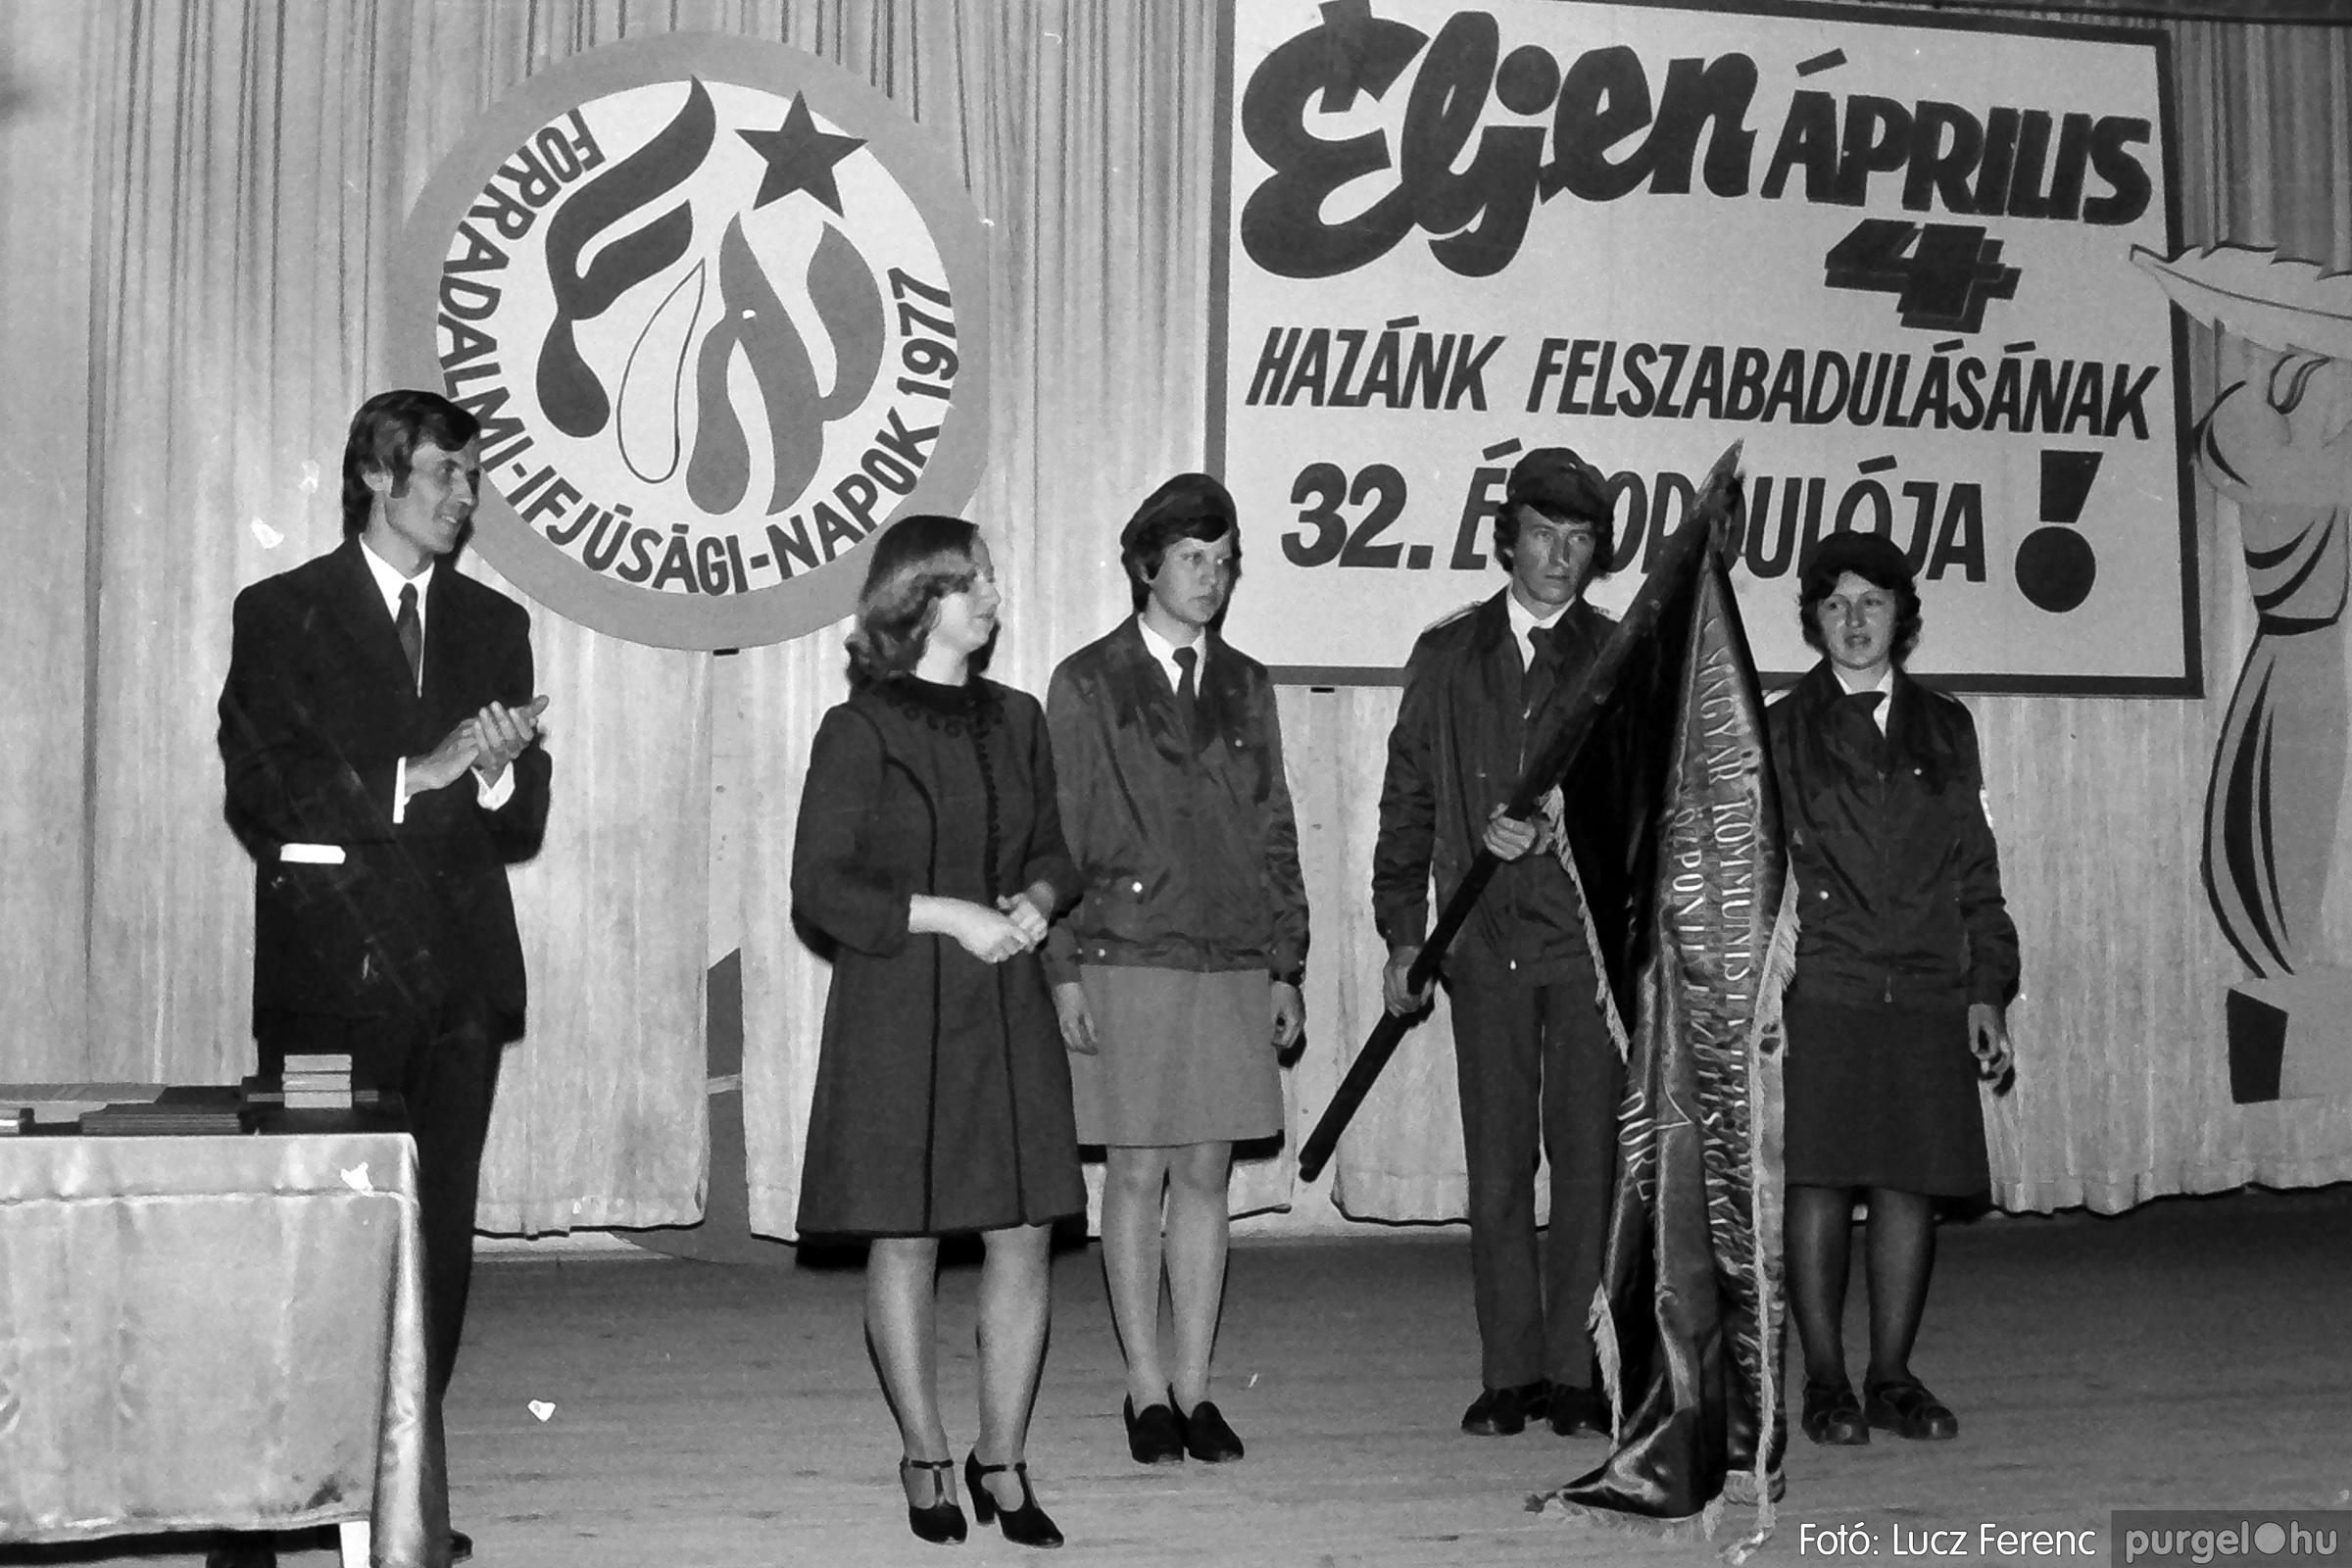 078. 1977.04.04. Április 4-i ünnepség 025. - Fotó: Lucz Ferenc.jpg